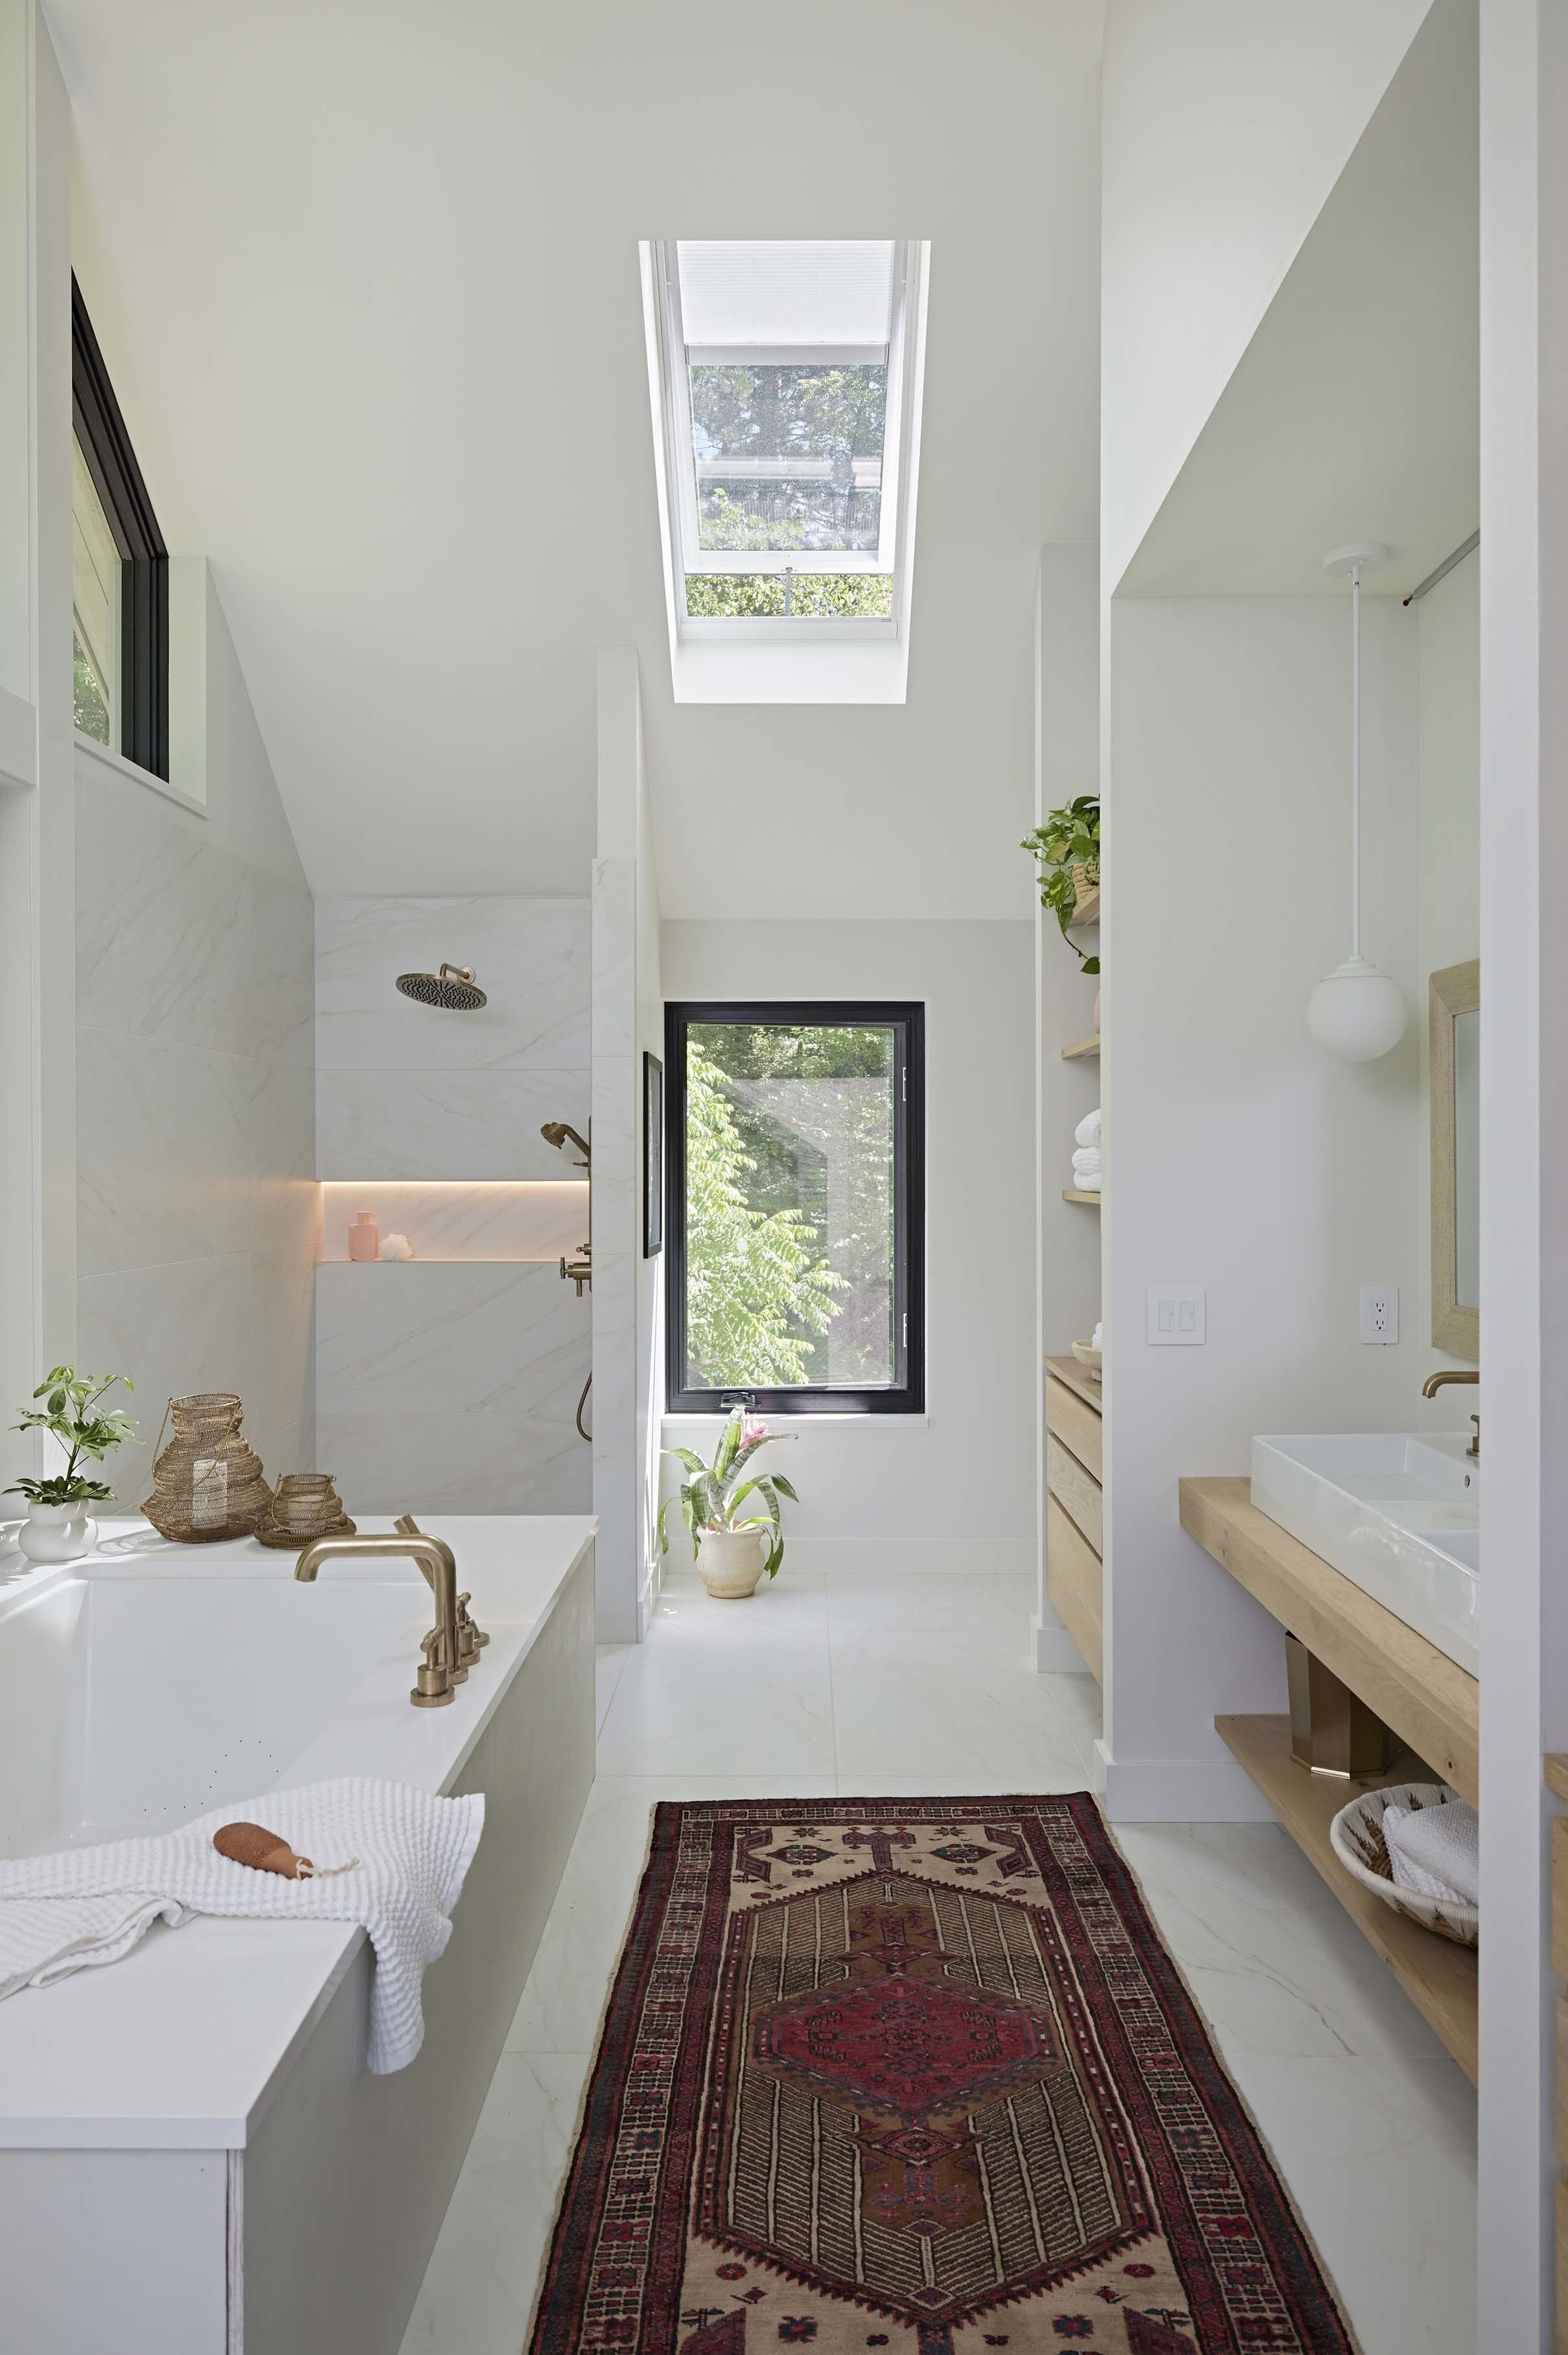 Bathroom skylight vintage rug bathtub shower